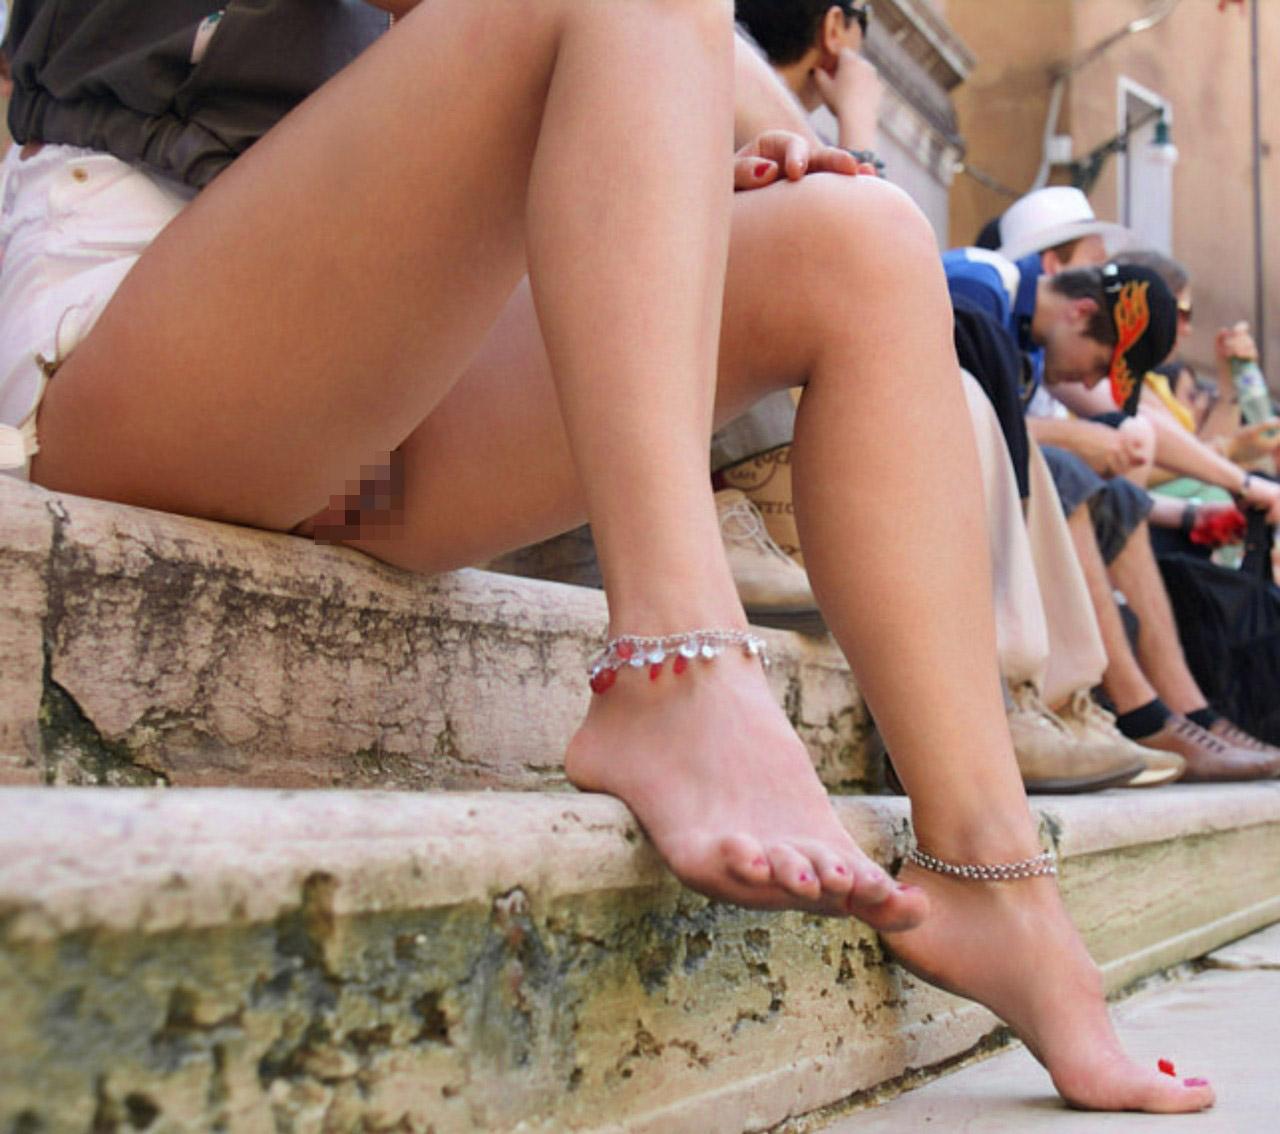 【ノーパンエロ画像】寝惚けも一瞬で冴えるw履いてなかった外人さん達(;゚Д゚)